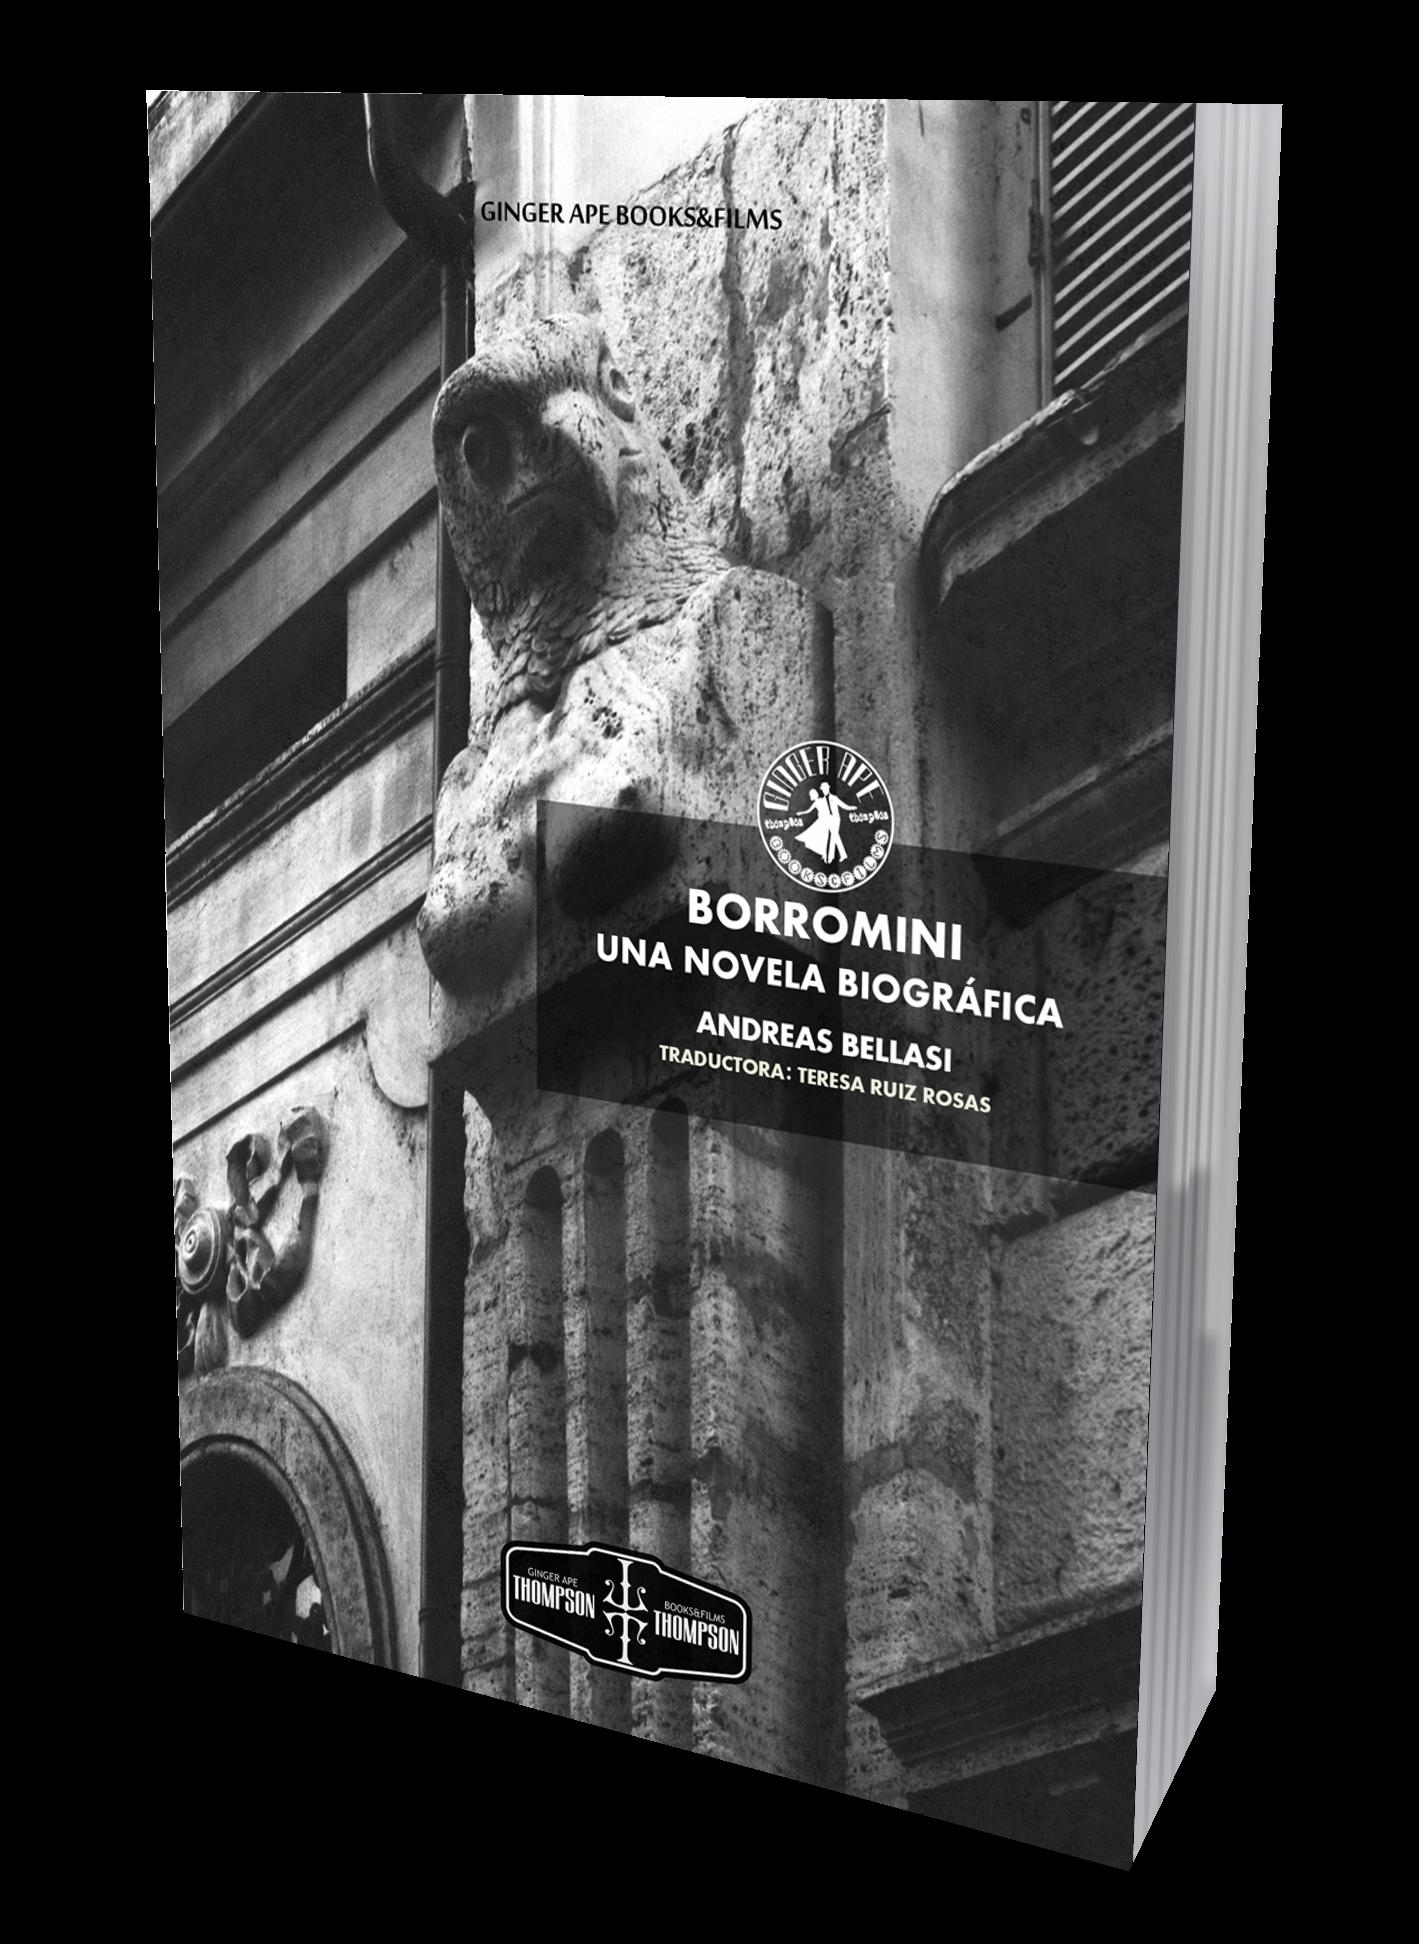 Ginger Ape Books publica Borromini. Una novela biográfica del escritor suizo Andreas Bellasi